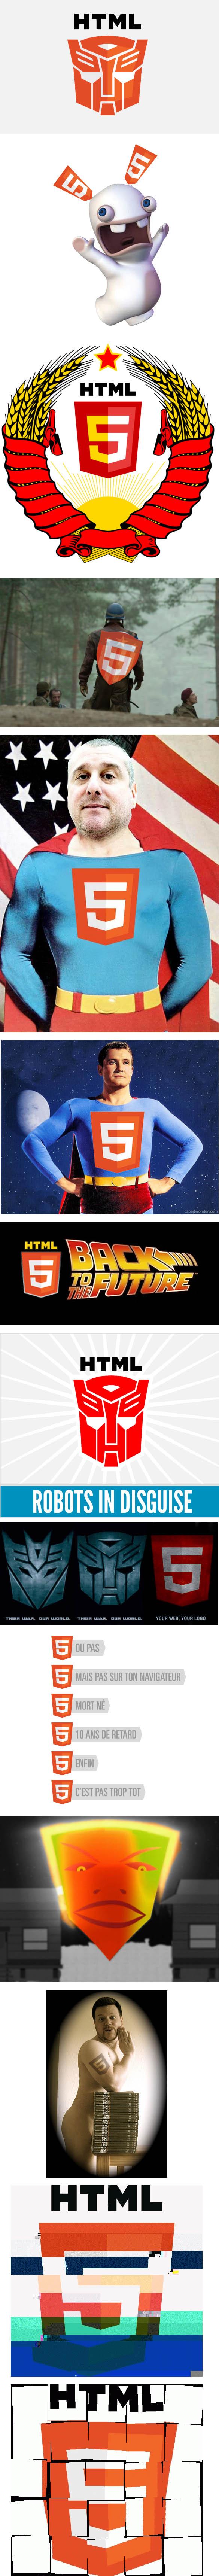 Sans titre 1 Déjà les parodies du logo pour le HTML5 : )